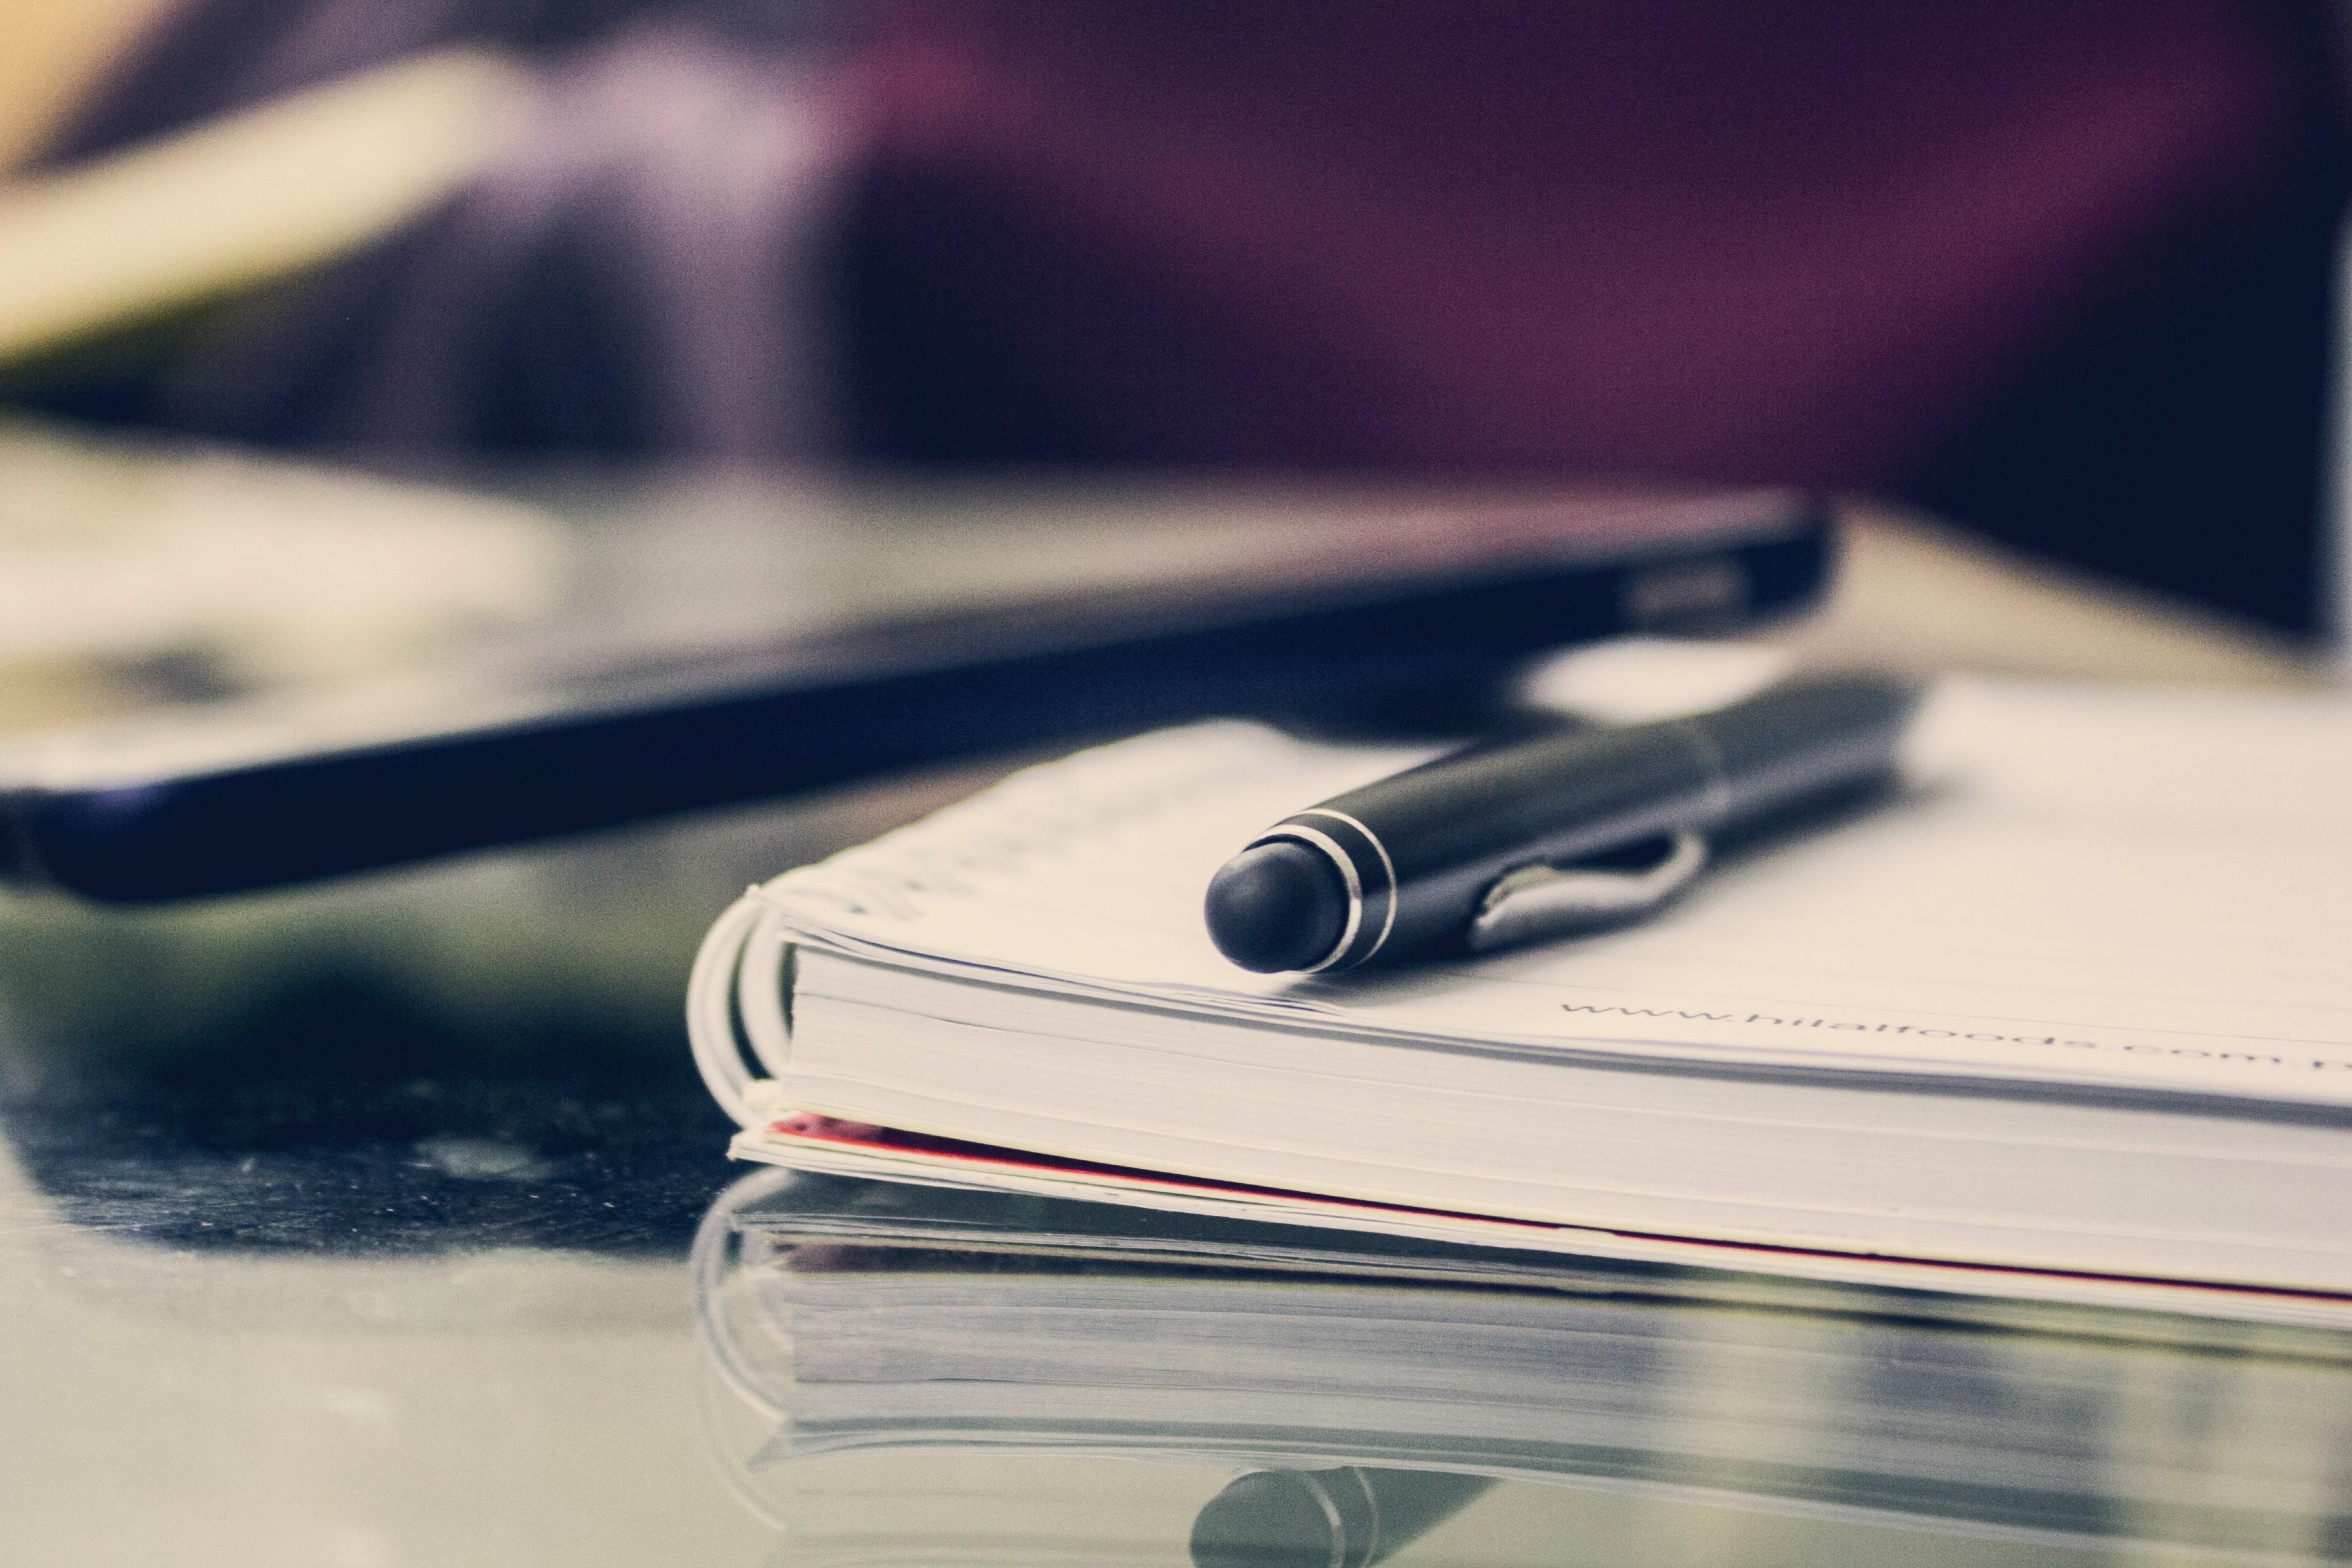 Fekete toll egy füzeten az asztalon